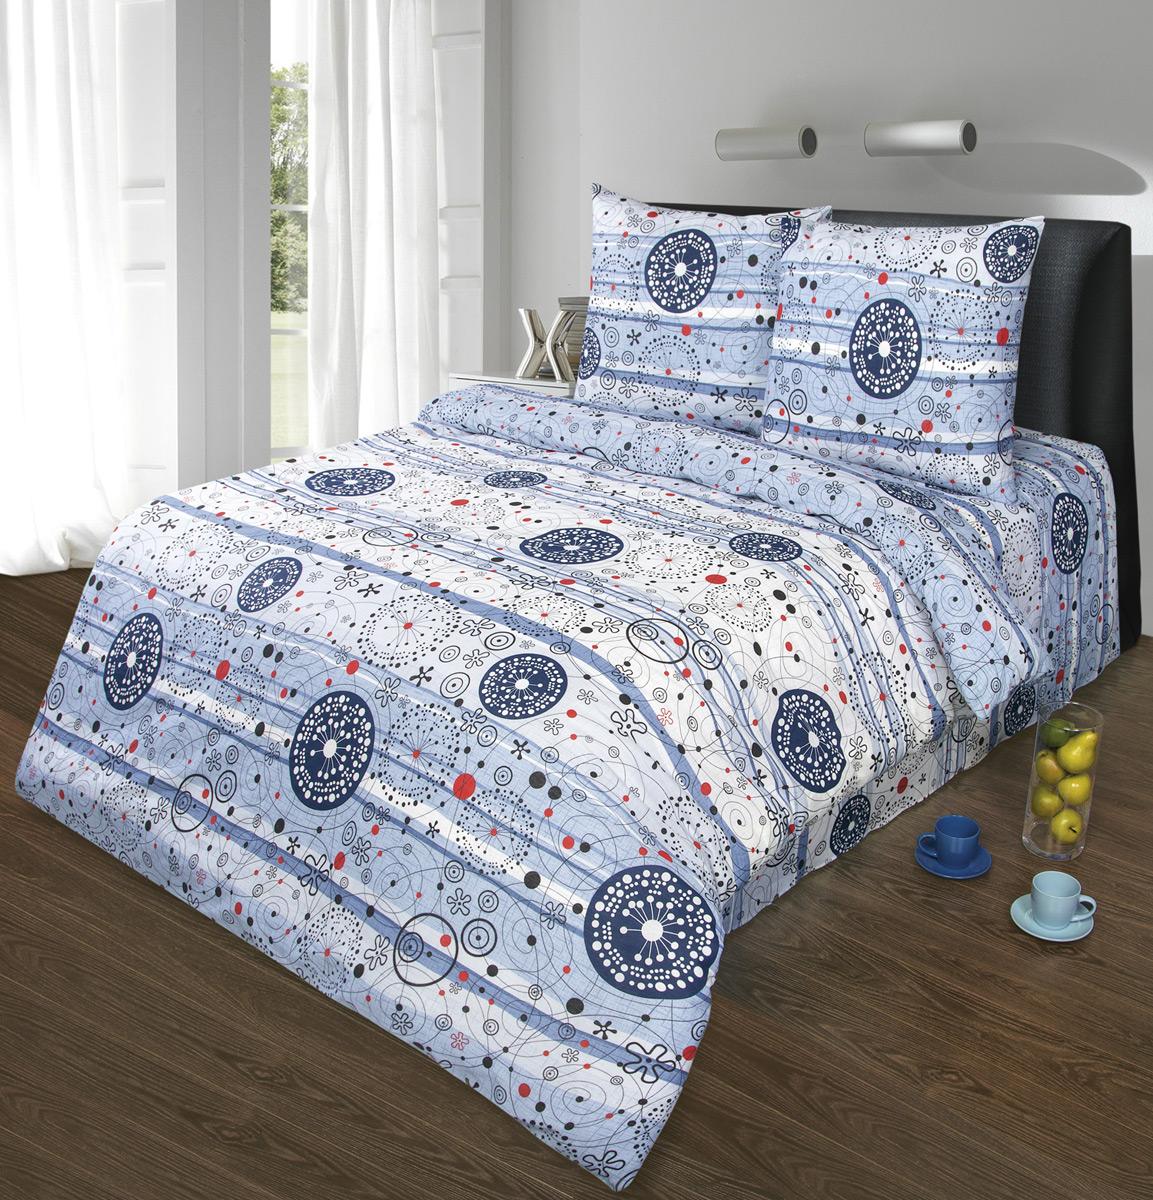 Комплект белья Шоколад Увертюра, евро, наволочки 70x70. Б114Б114Комплект постельного белья Шоколад Увертюра является экологически безопасным для всей семьи, так как выполнен из натурального хлопка. Комплект состоит из пододеяльника, простыни и двух наволочек. Постельное белье оформлено оригинальным рисунком и имеет изысканный внешний вид. Бязь - это ткань полотняного переплетения, изготовленная из экологически чистого и натурального 100% хлопка. Она прочная, мягкая, обладает низкой сминаемостью, легко стирается и хорошо гладится. Бязь прекрасно пропускает воздух и за ней легко ухаживать. При соблюдении рекомендуемых условий стирки, сушки и глажения ткань имеет усадку по ГОСТу, сохранятся яркость текстильных рисунков. Приобретая комплект постельного белья Шоколад Увертюра, вы можете быть уверены в том, что покупка доставит вам и вашим близким удовольствие и подарит максимальный комфорт.Советы по выбору постельного белья от блогера Ирины Соковых. Статья OZON Гид